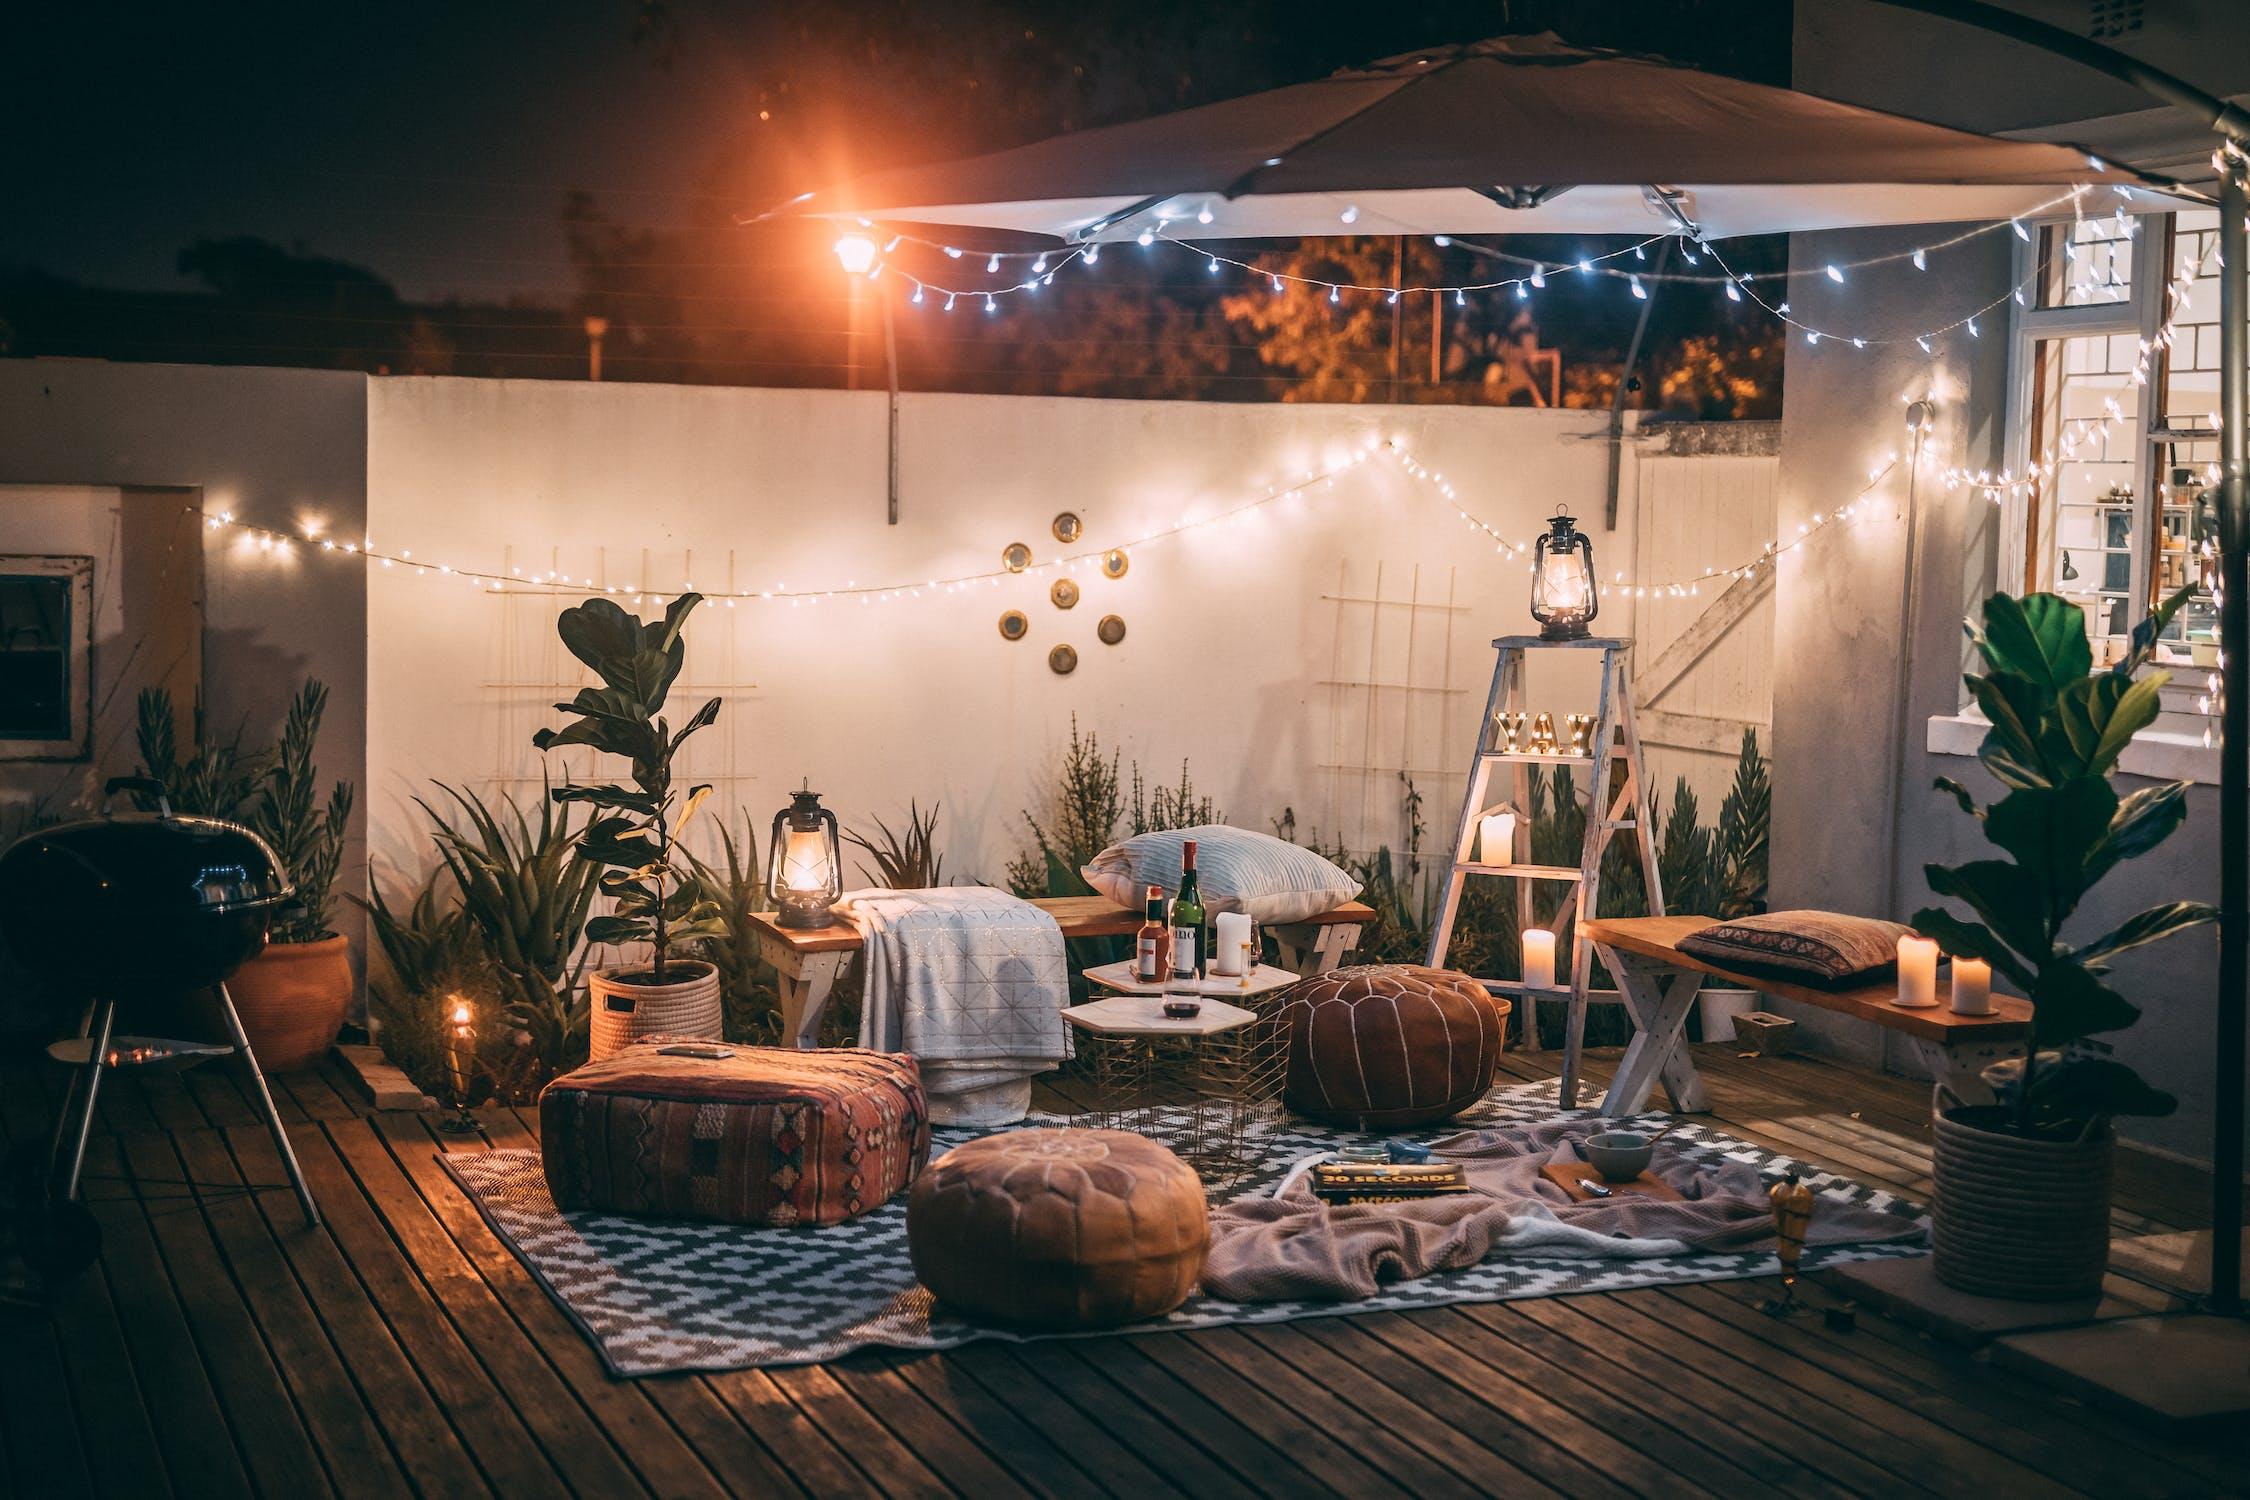 cena romantica a domicilio